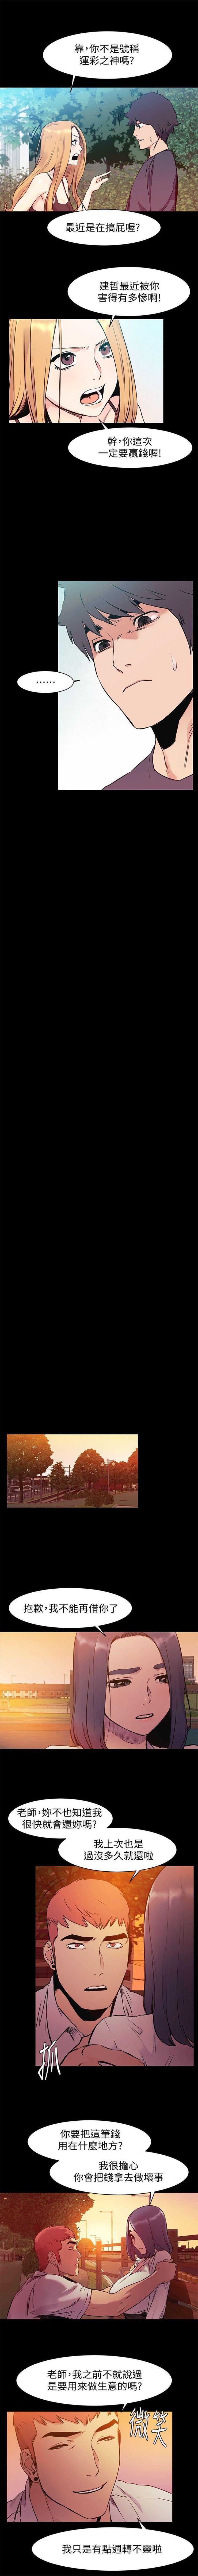 衝突 1-100官方中文(連載中) 284